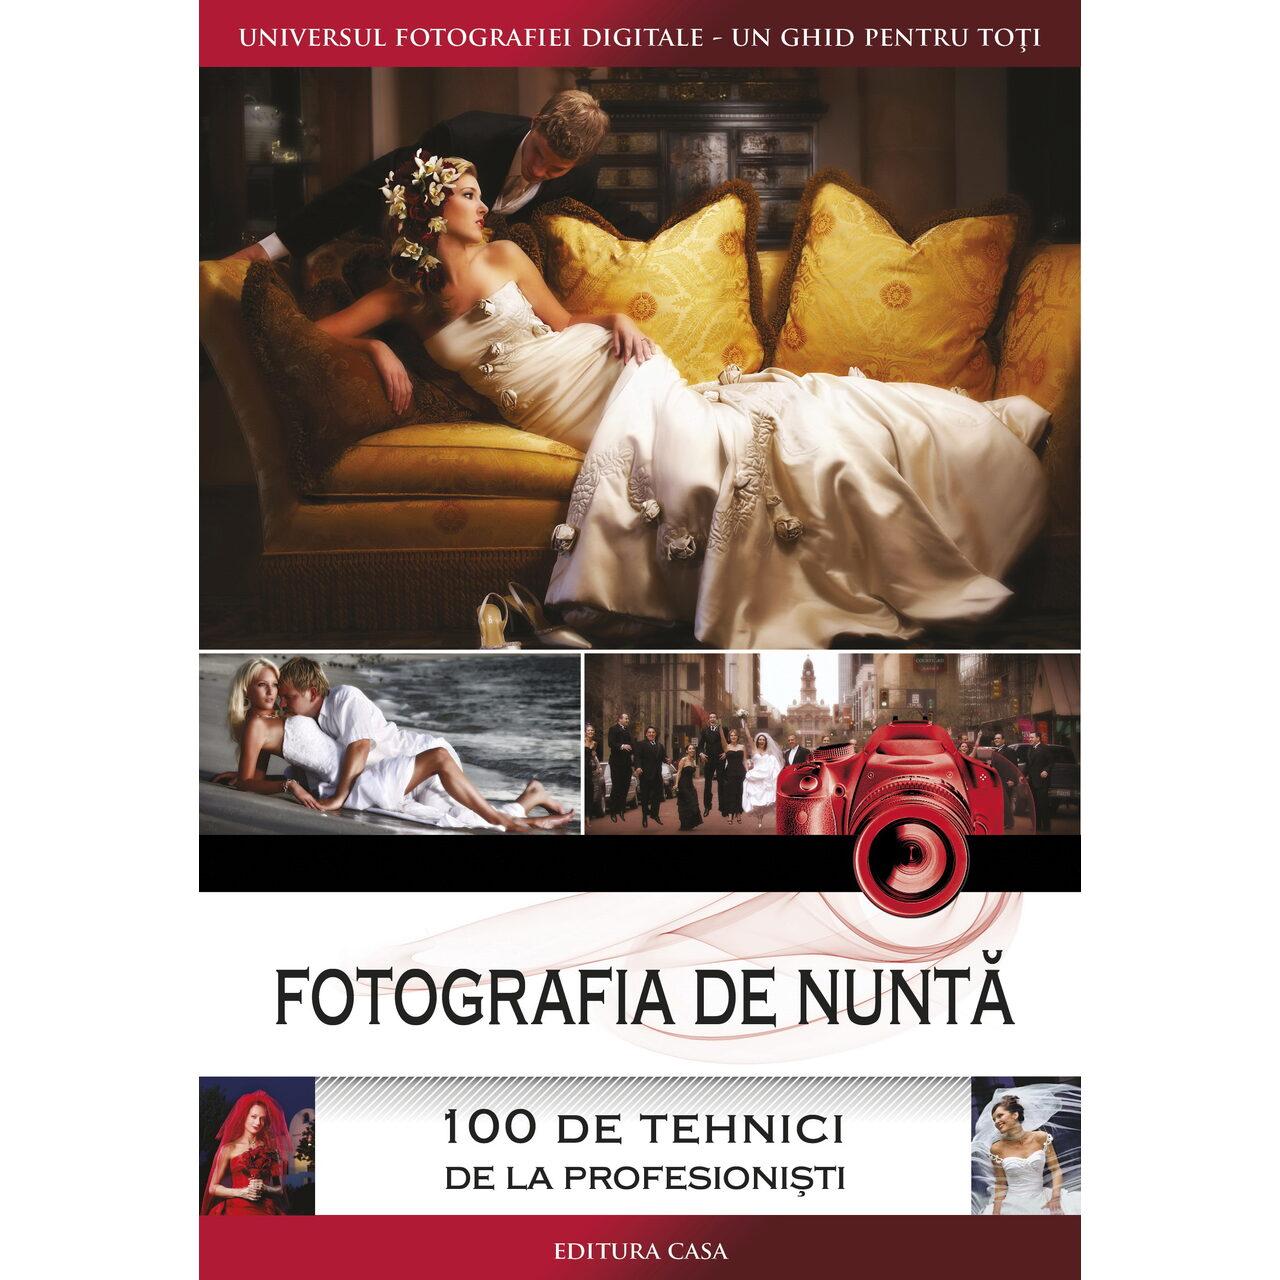 Fotografia de nuntă - 100 de tehnici de la profesionişti imagine edituracasa.ro